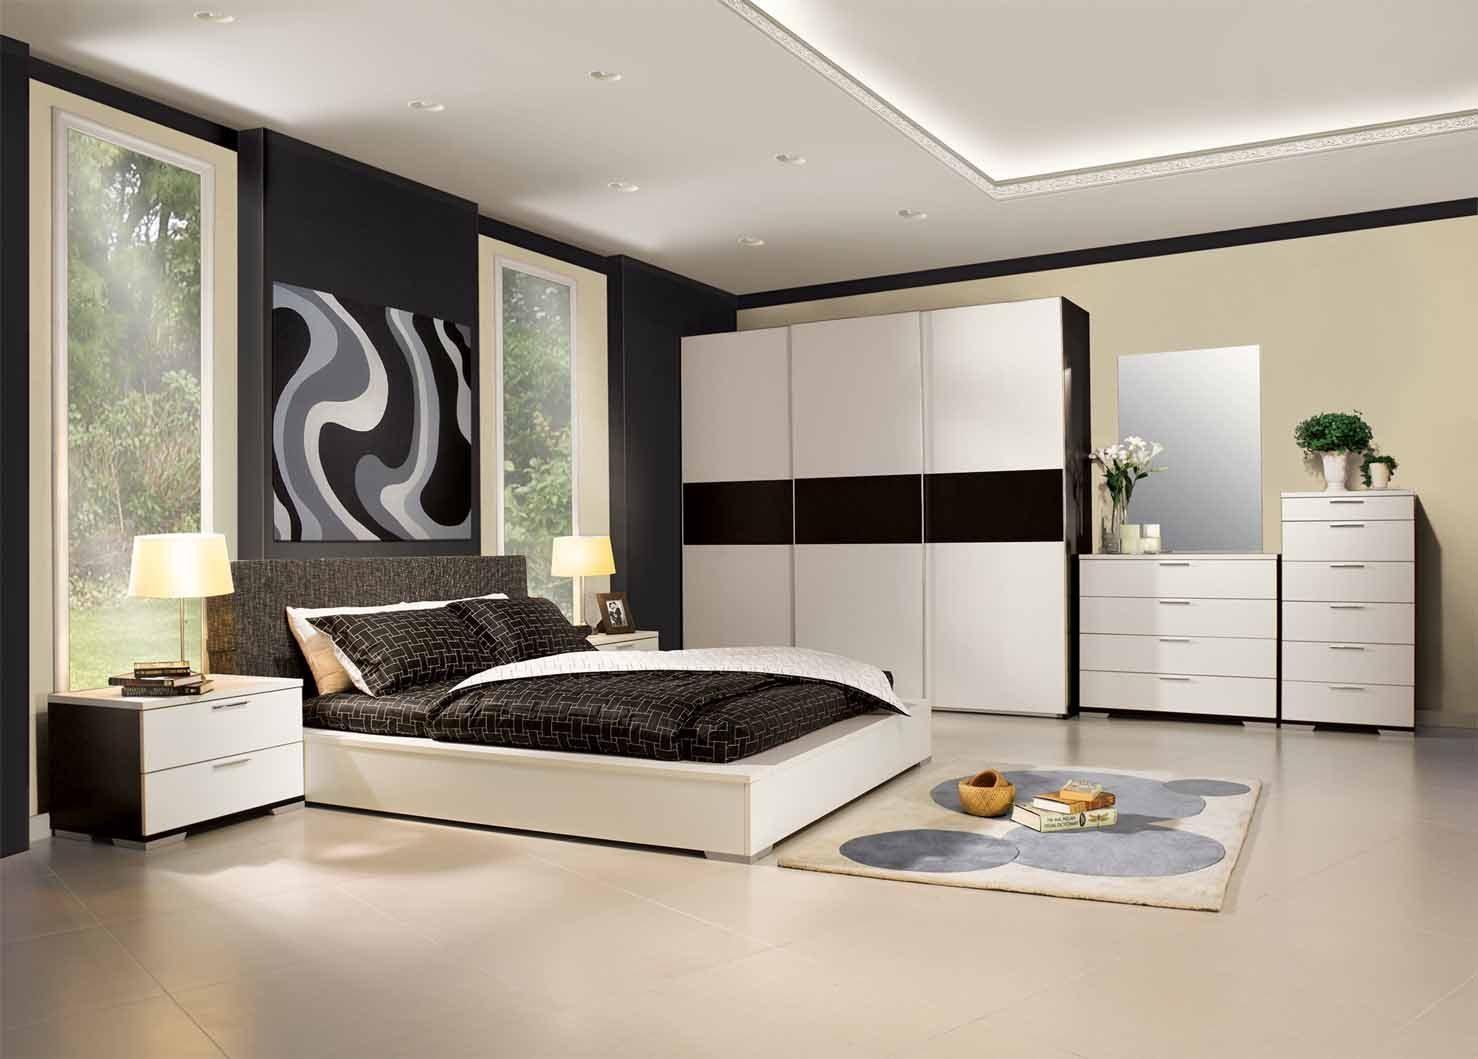 Muebles Modernos Para Habitaciones Im Genes Y Fotos # Muebles Modernos